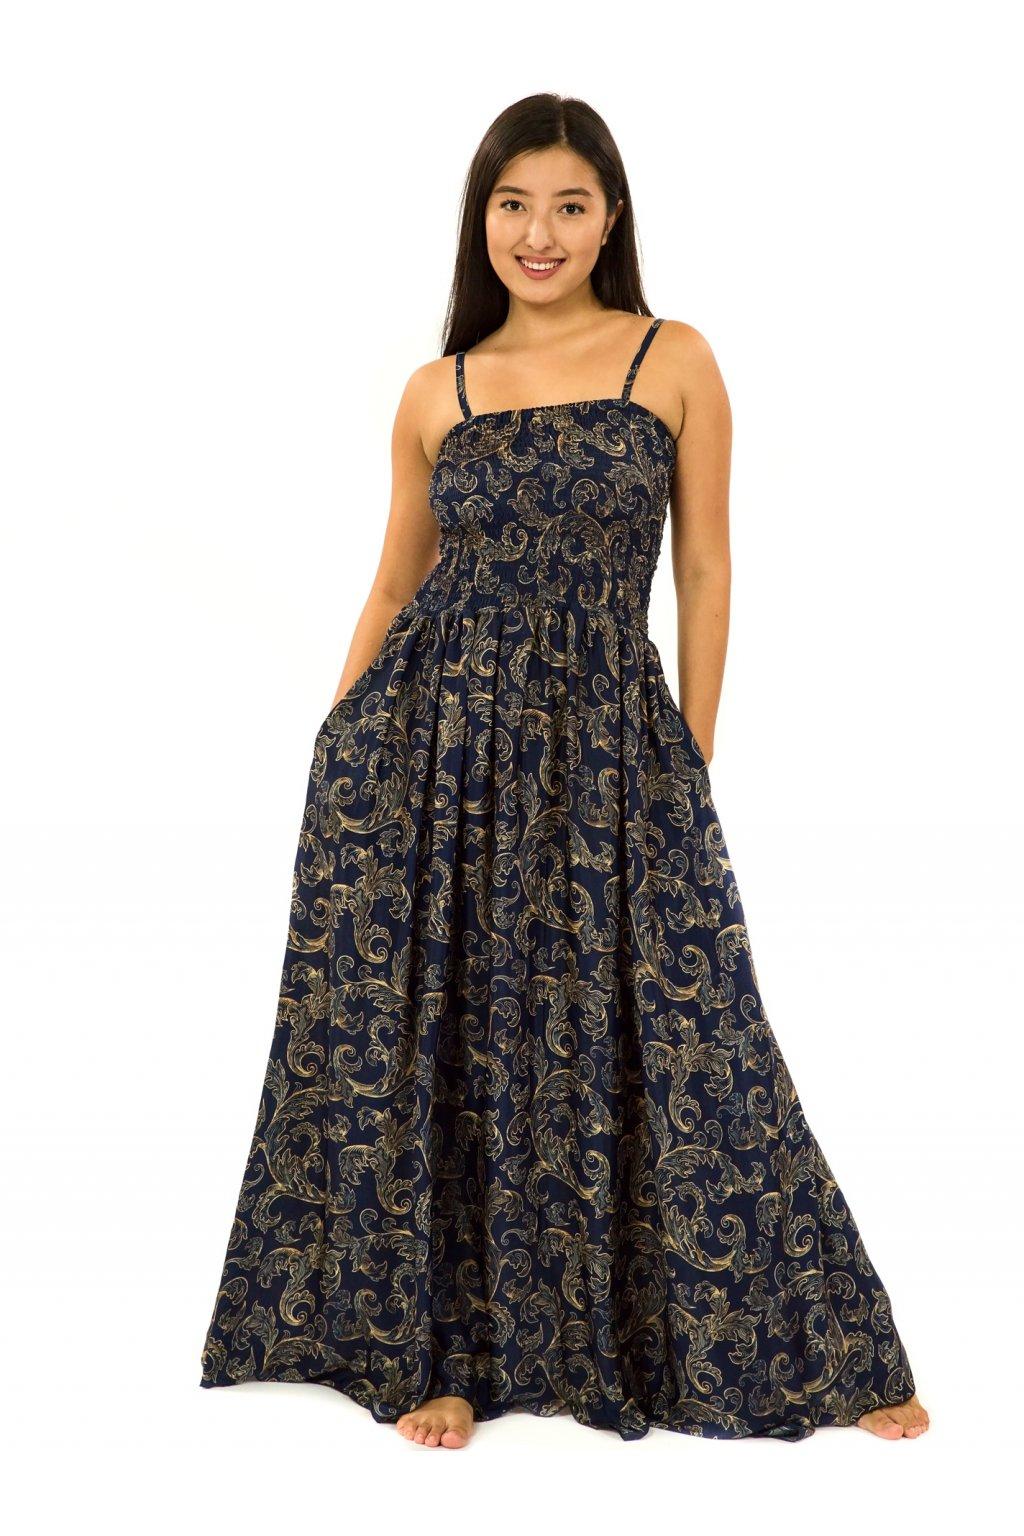 Dlouhé šaty s kapsami Sárí - tmavě modrá se zlatou